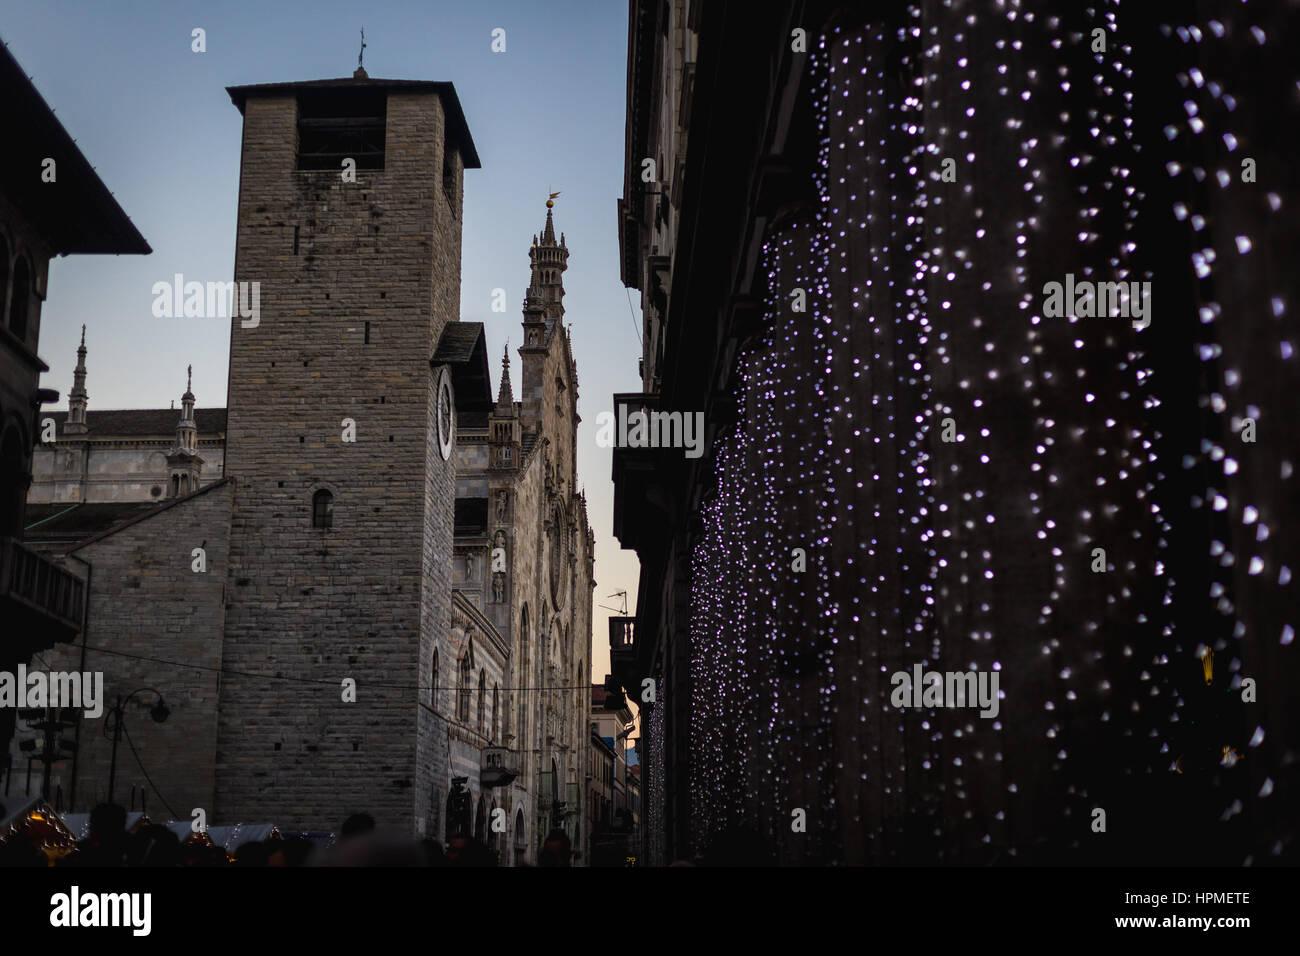 Weihnachten In Italien dom von como und weihnachten leuchten, italien stockfoto, bild